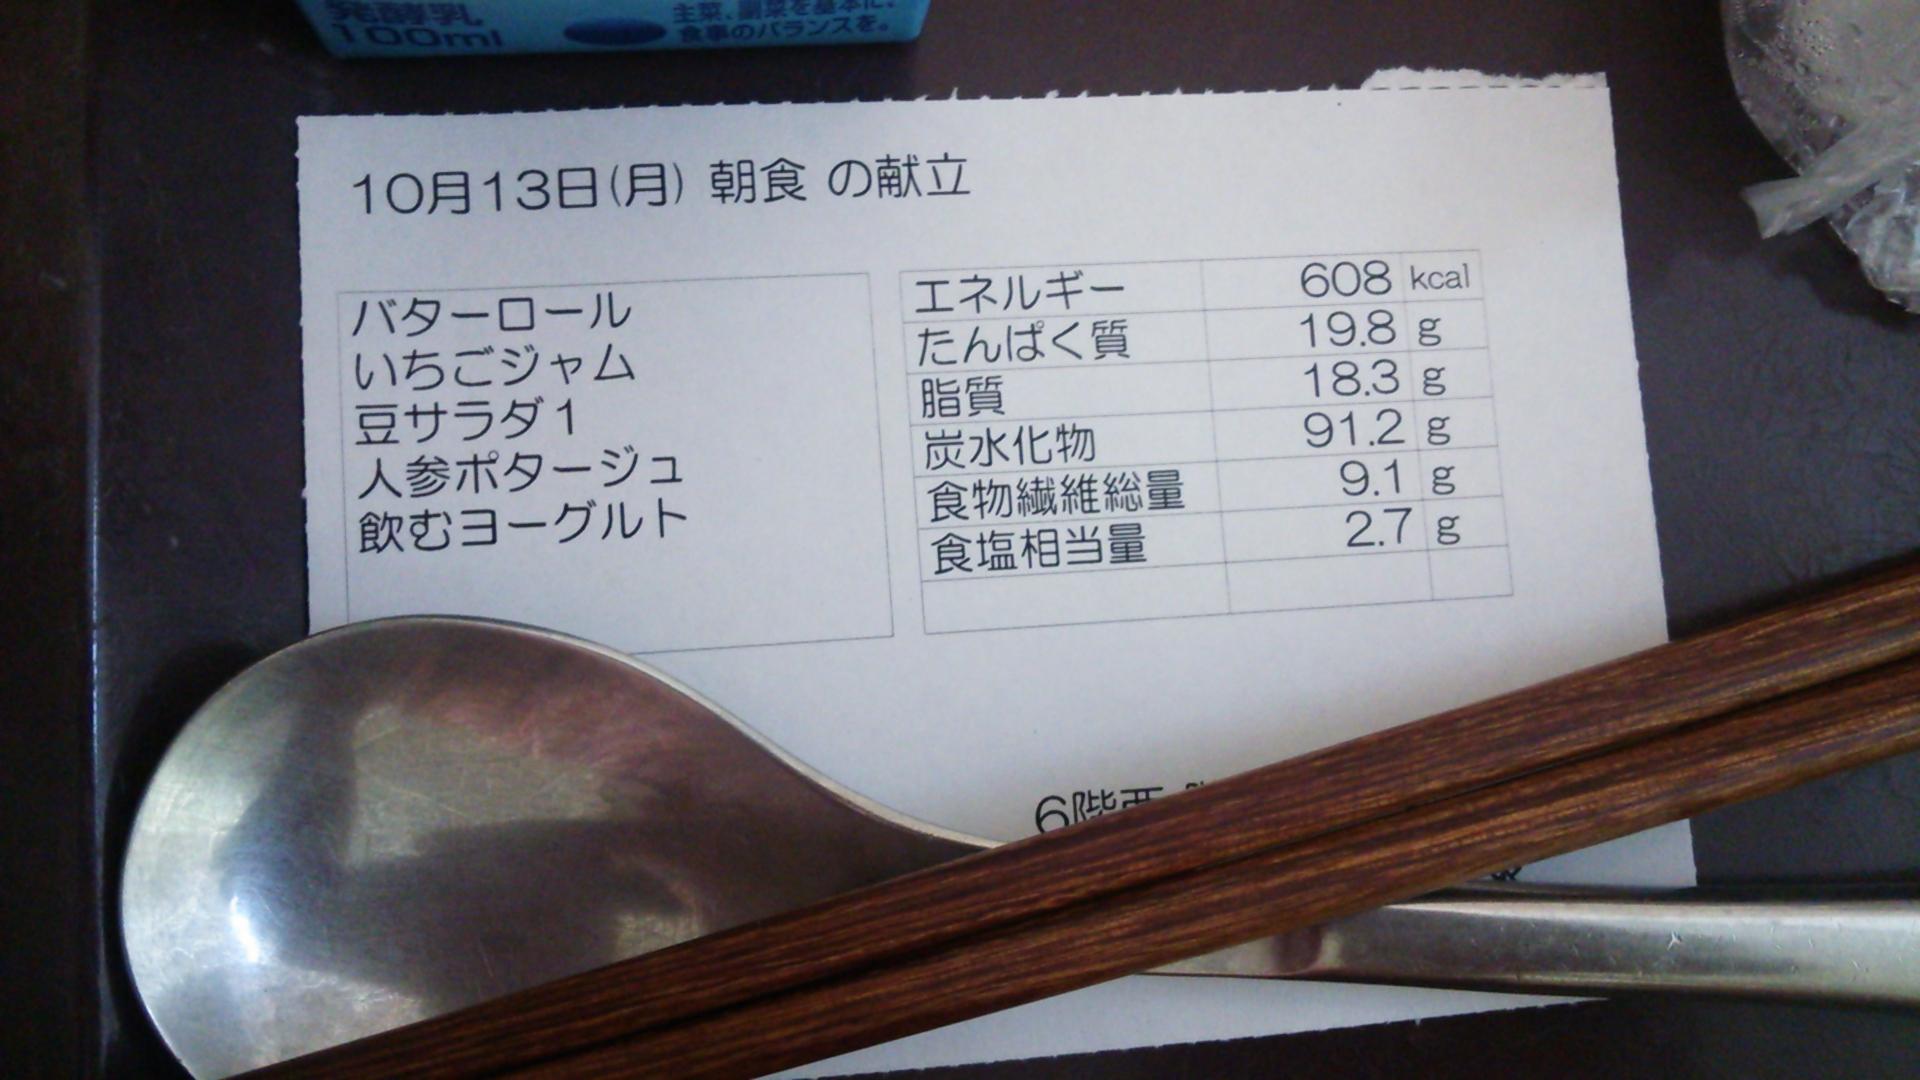 10月13日(月)朝食の献立